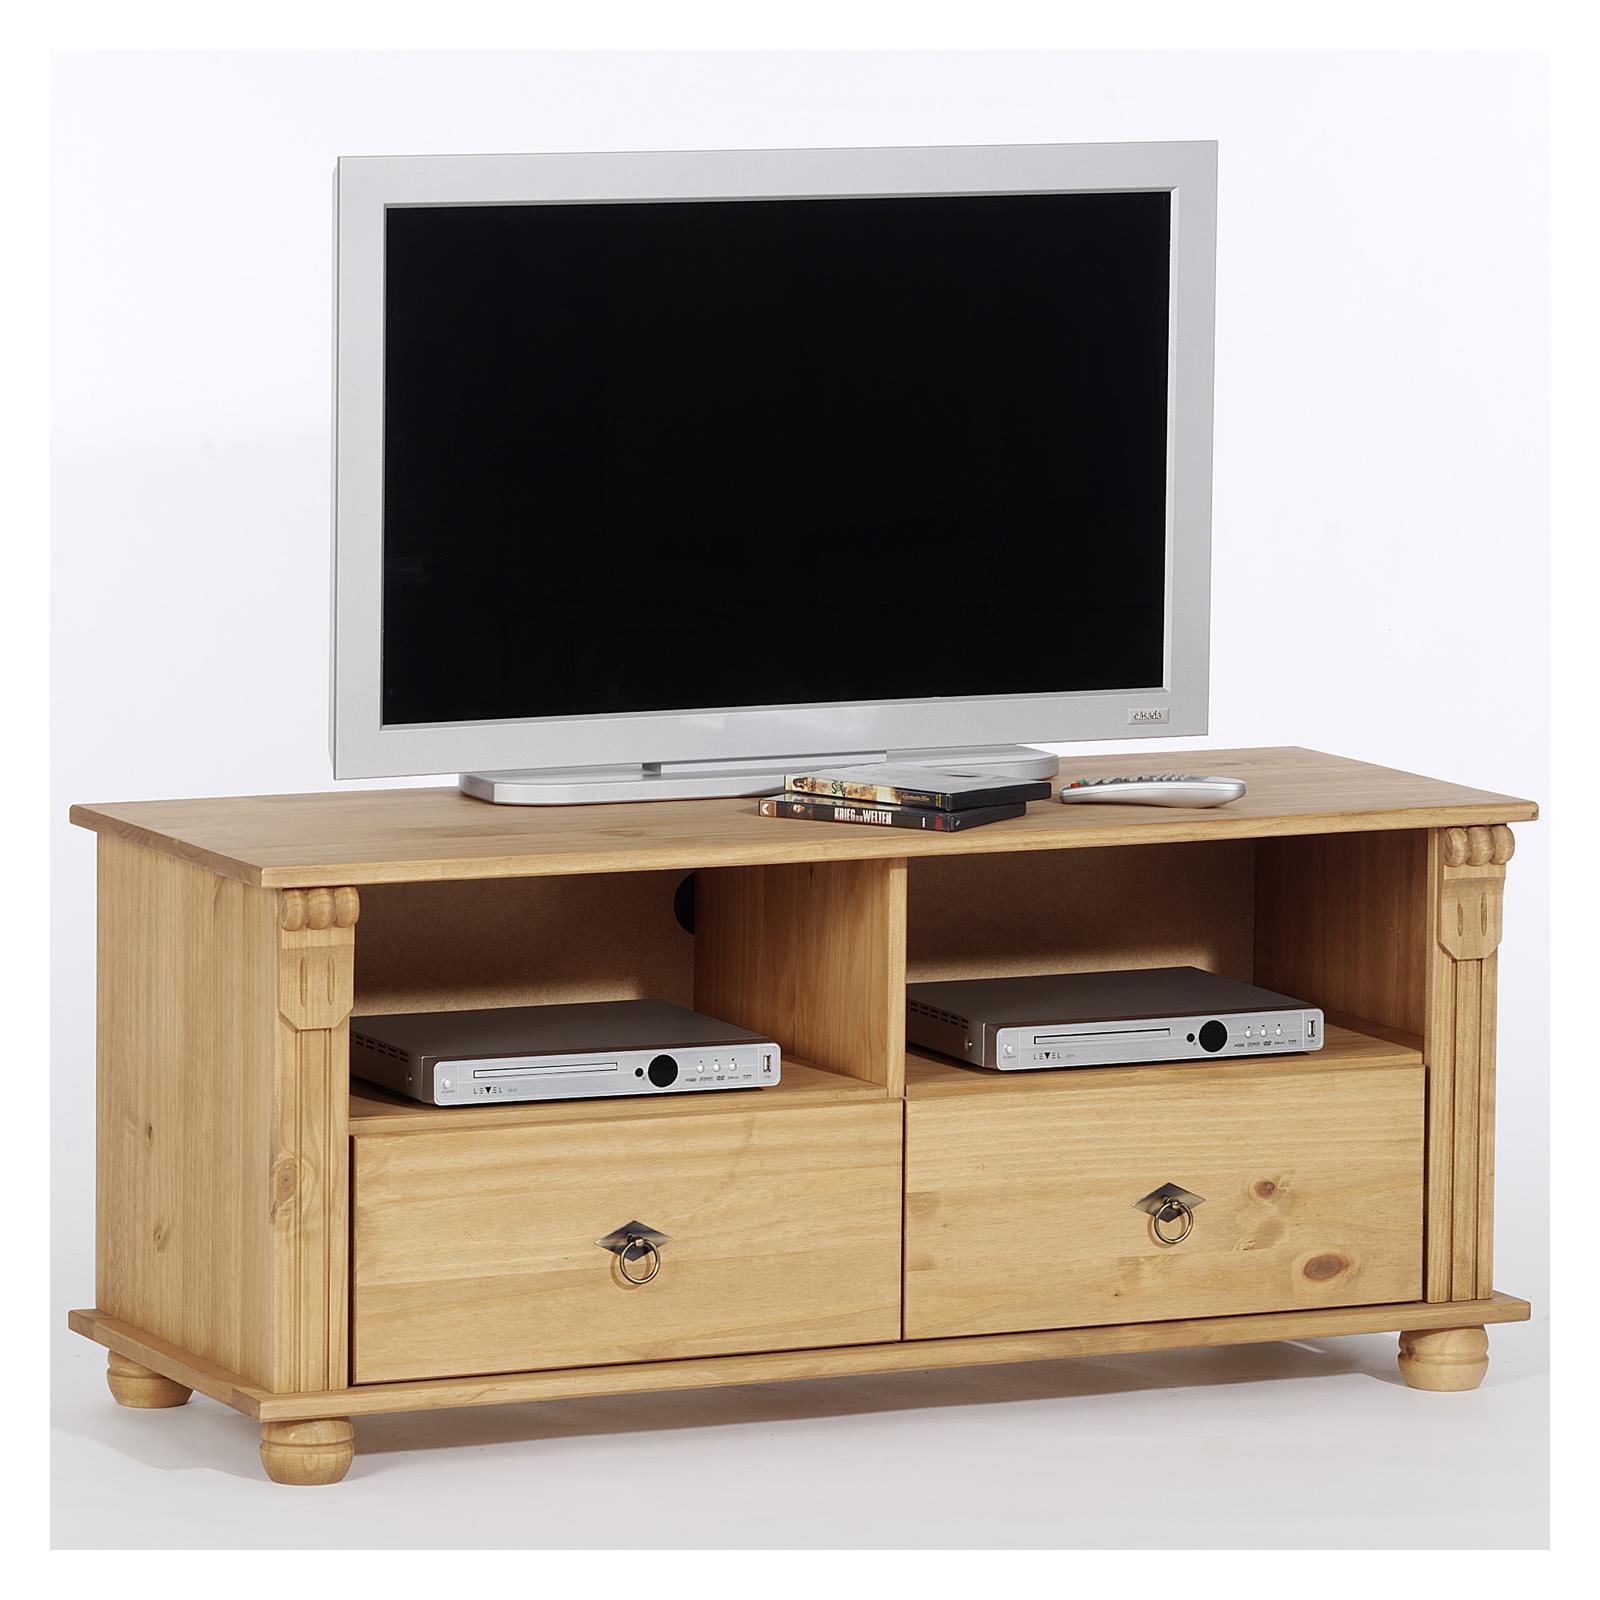 Meuble tv en pin bologna finition cir e mobil meubles for Meuble tv en pin